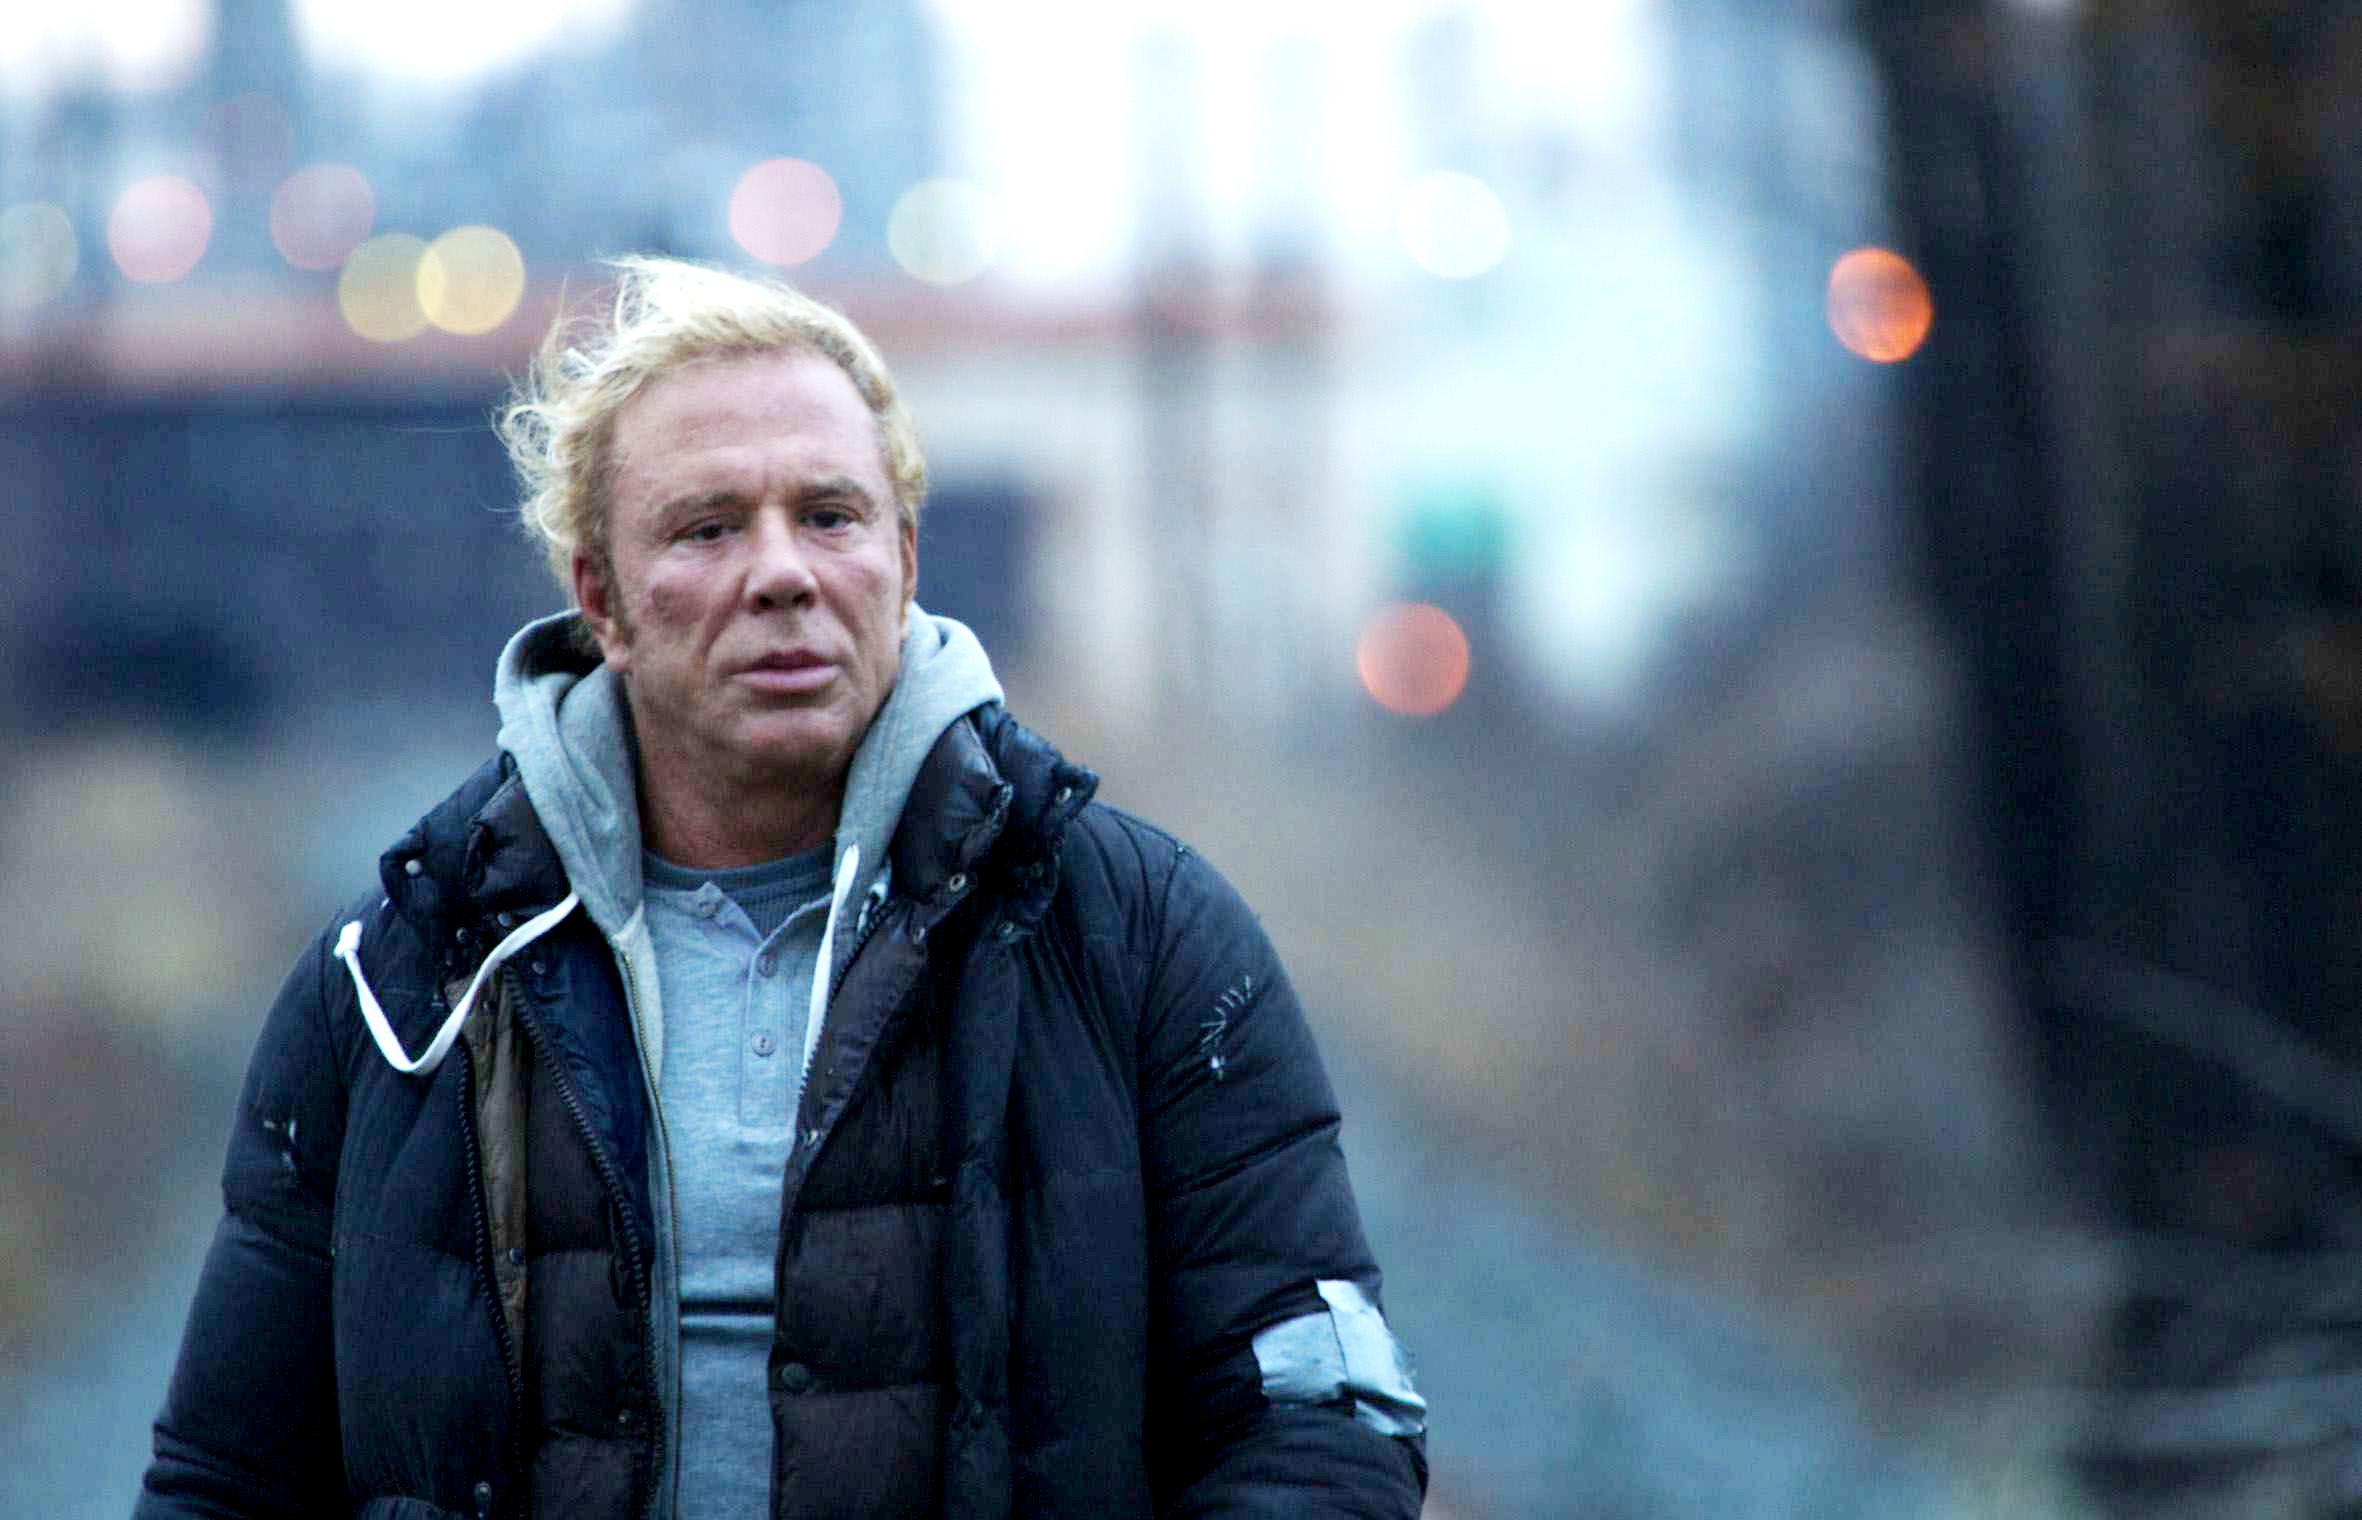 Oscar 2009 Nomination Predictions: Actor